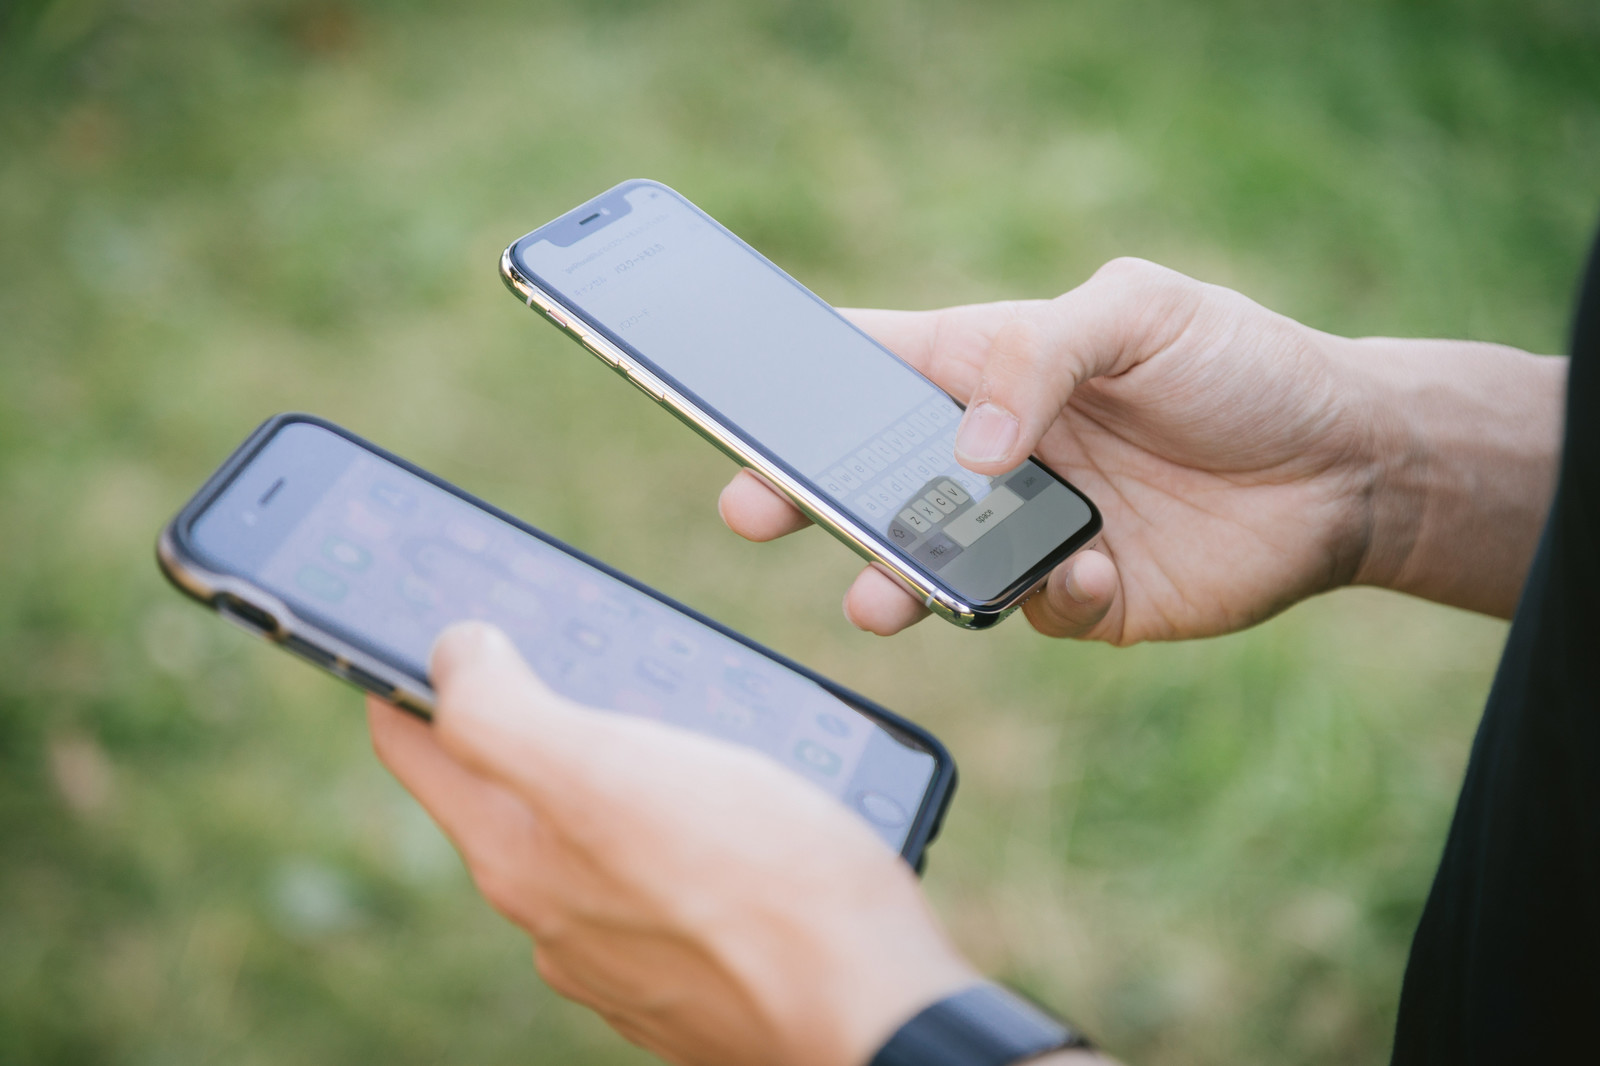 「2台のスマホ(iPhone)を操作する男性の手2台のスマホ(iPhone)を操作する男性の手」のフリー写真素材を拡大